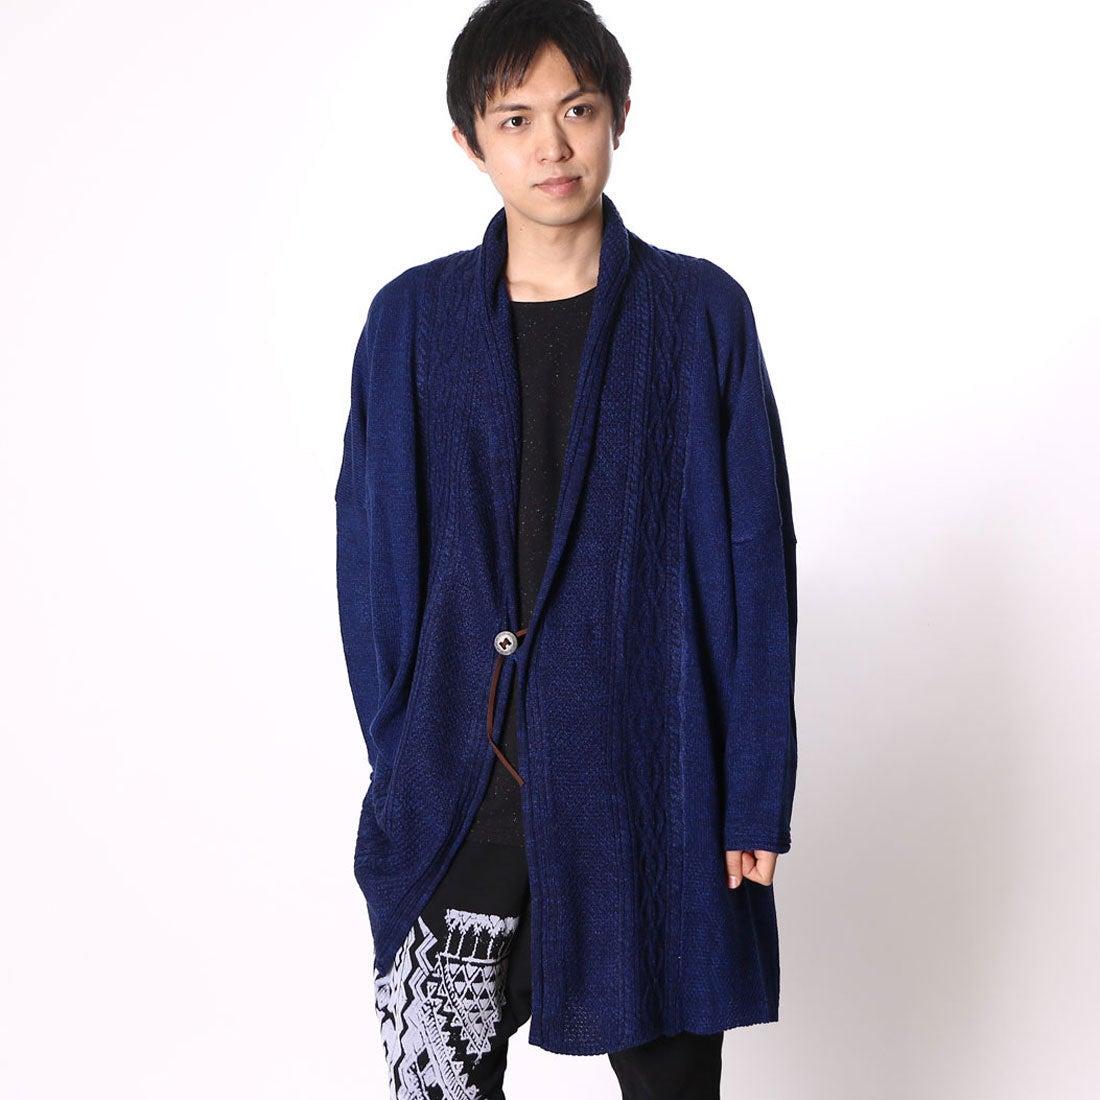 【チャイハネ】yul ミックスヤーンニットカーディガン(ユニセックス) ブルー